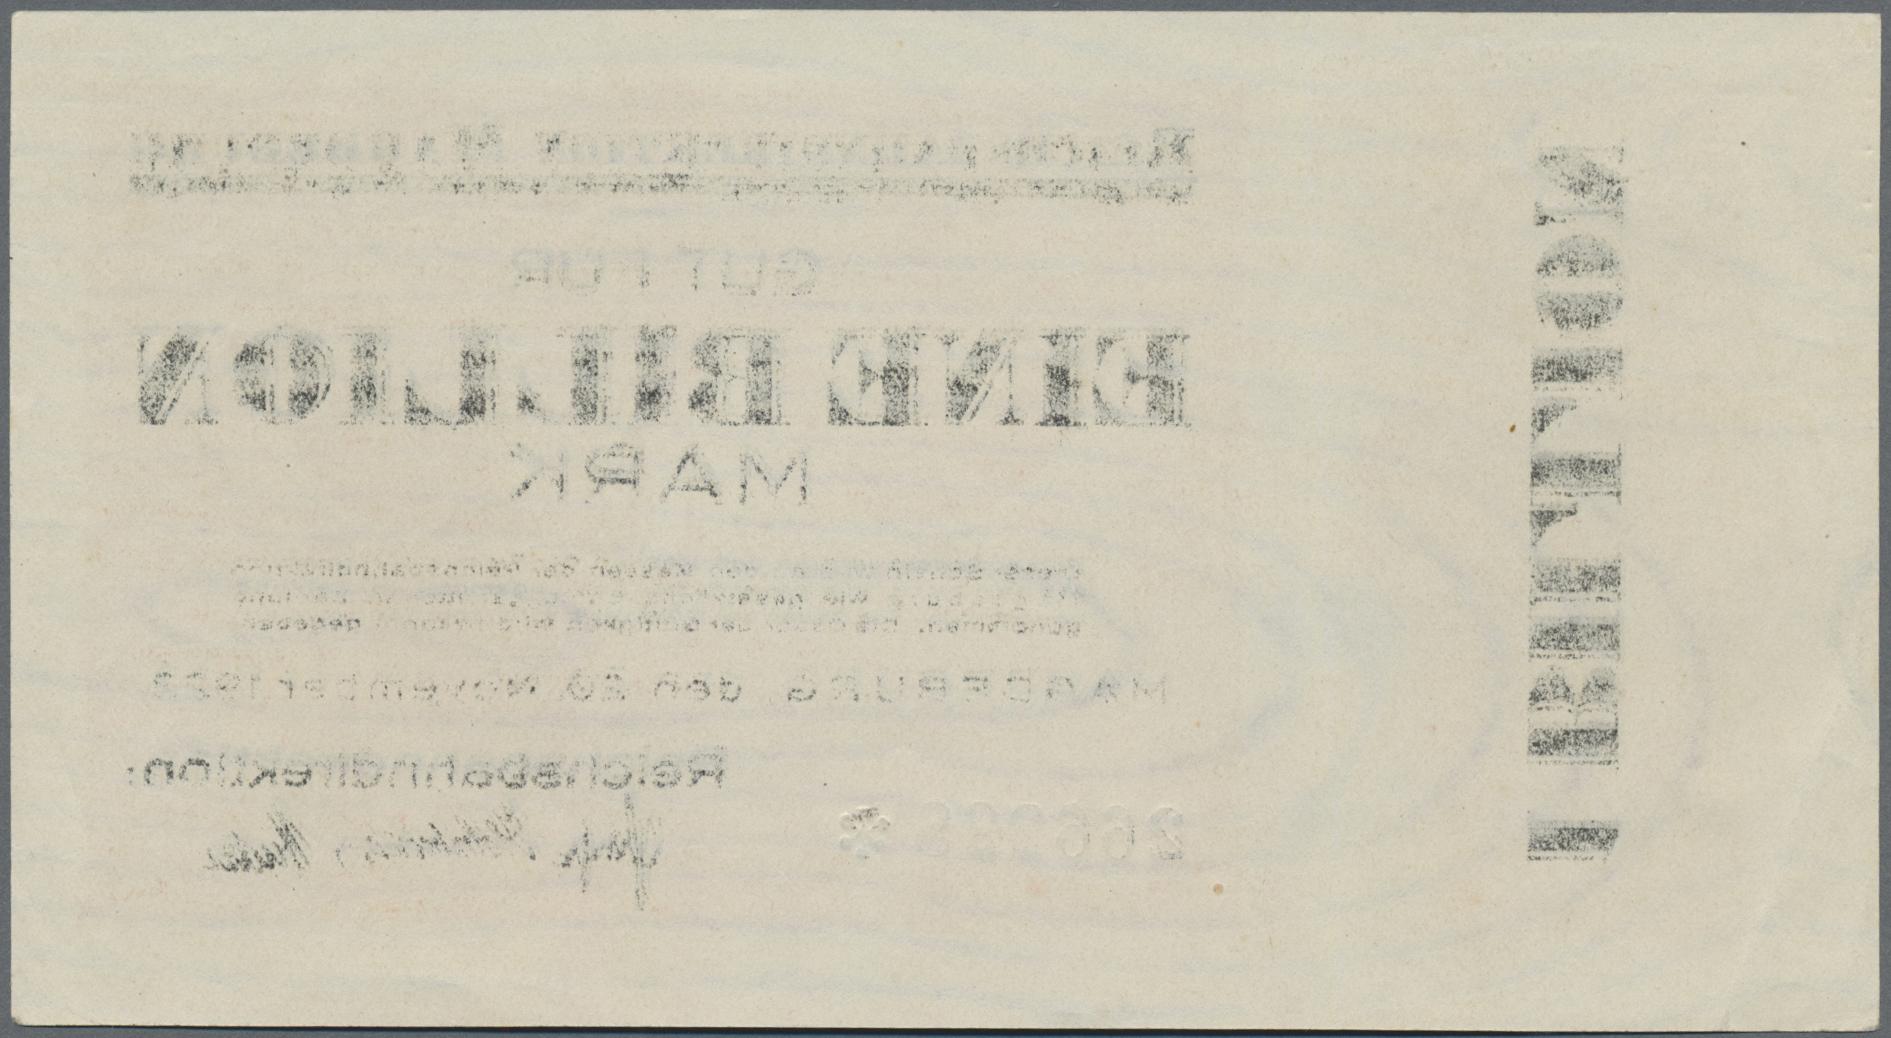 Lot 01405 - Deutschland - Reichsbahn / Reichspost | Banknoten  -  Auktionshaus Christoph Gärtner GmbH & Co. KG Sale #48 The Banknotes